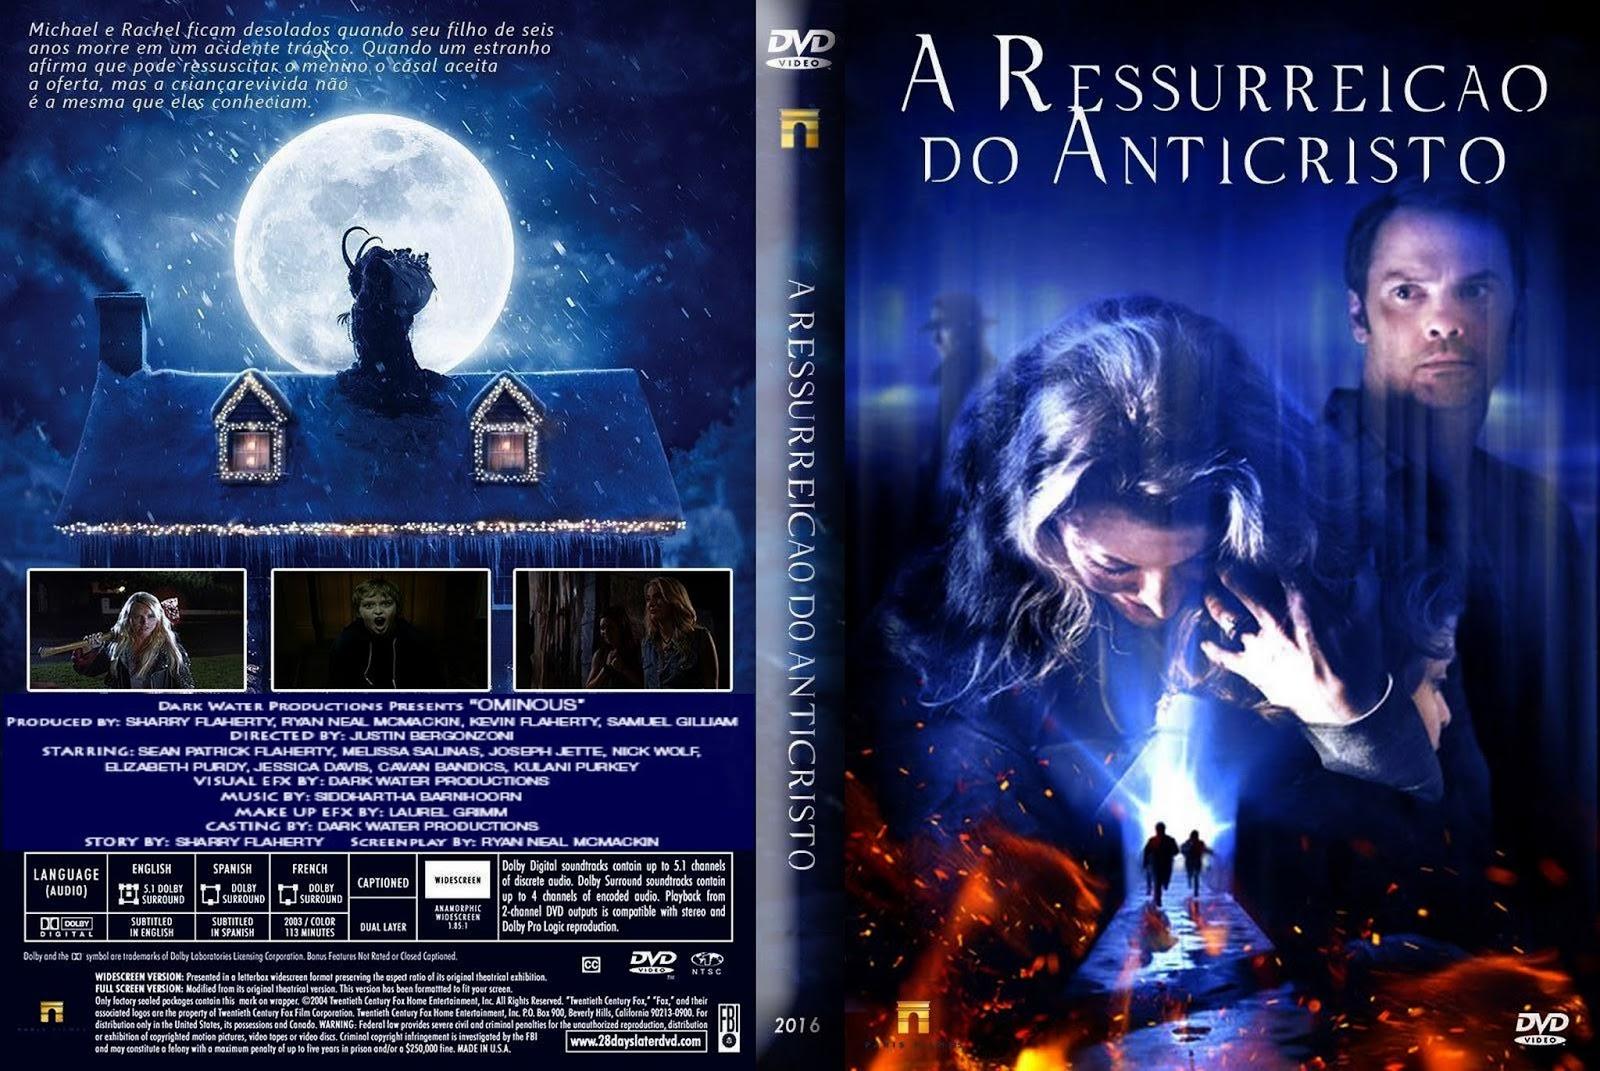 A Ressurreição do AntiCristo WEB-DL 720p Dual Audio A 2BRessurrei 25C3 25A7 25C3 25A3o 2Bdo 2BAntiCristo 2B  2BXANDAODOWNLOAD